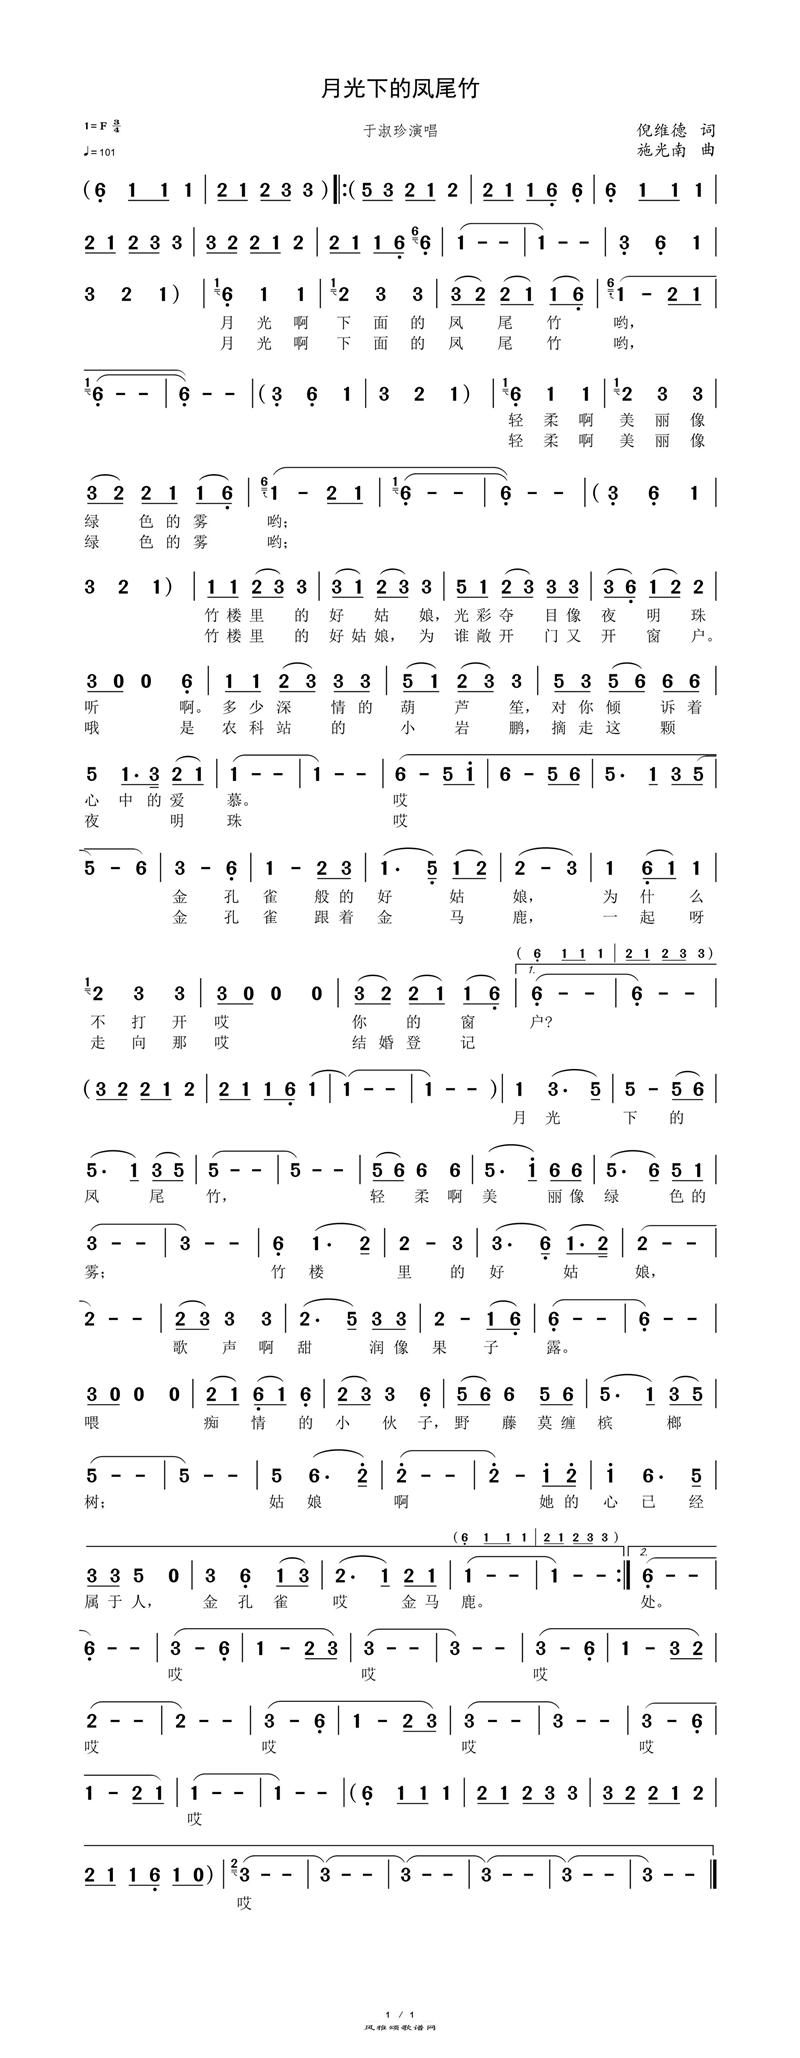 月光下的凤尾竹高清手机移动歌谱简谱